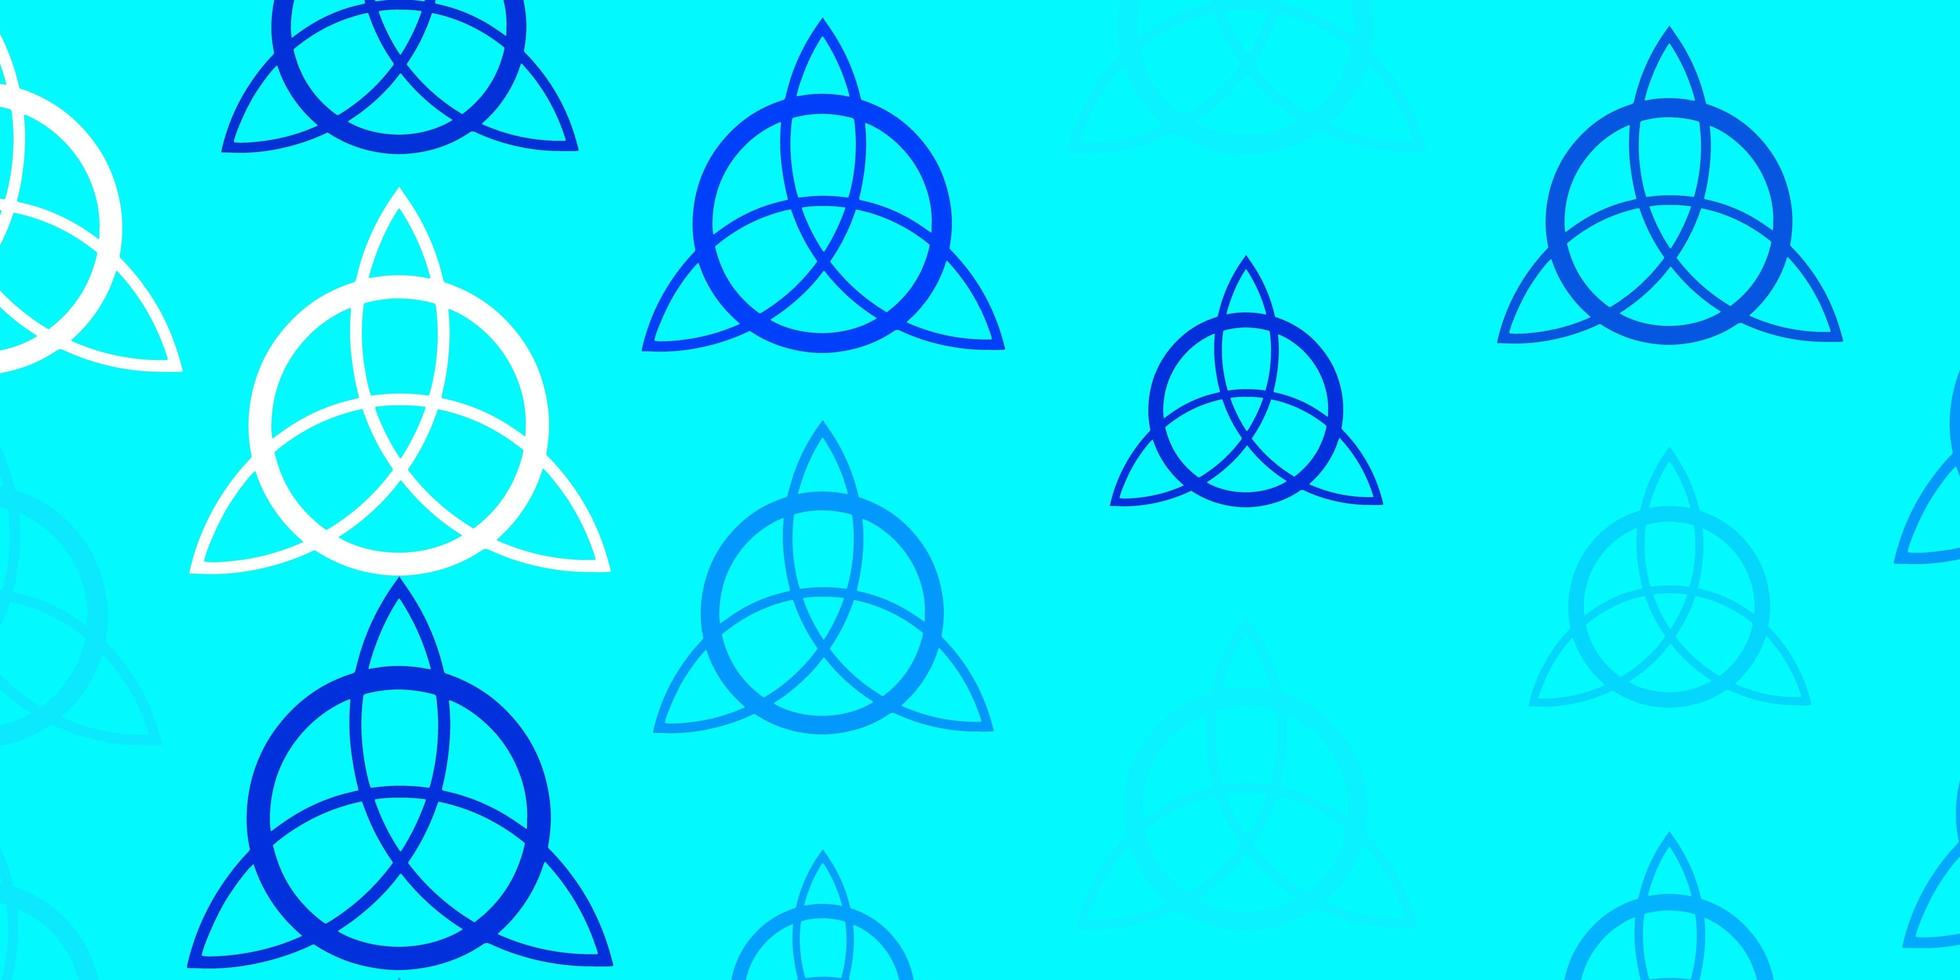 hellblaue Vektorschablone mit esoterischen Zeichen. vektor